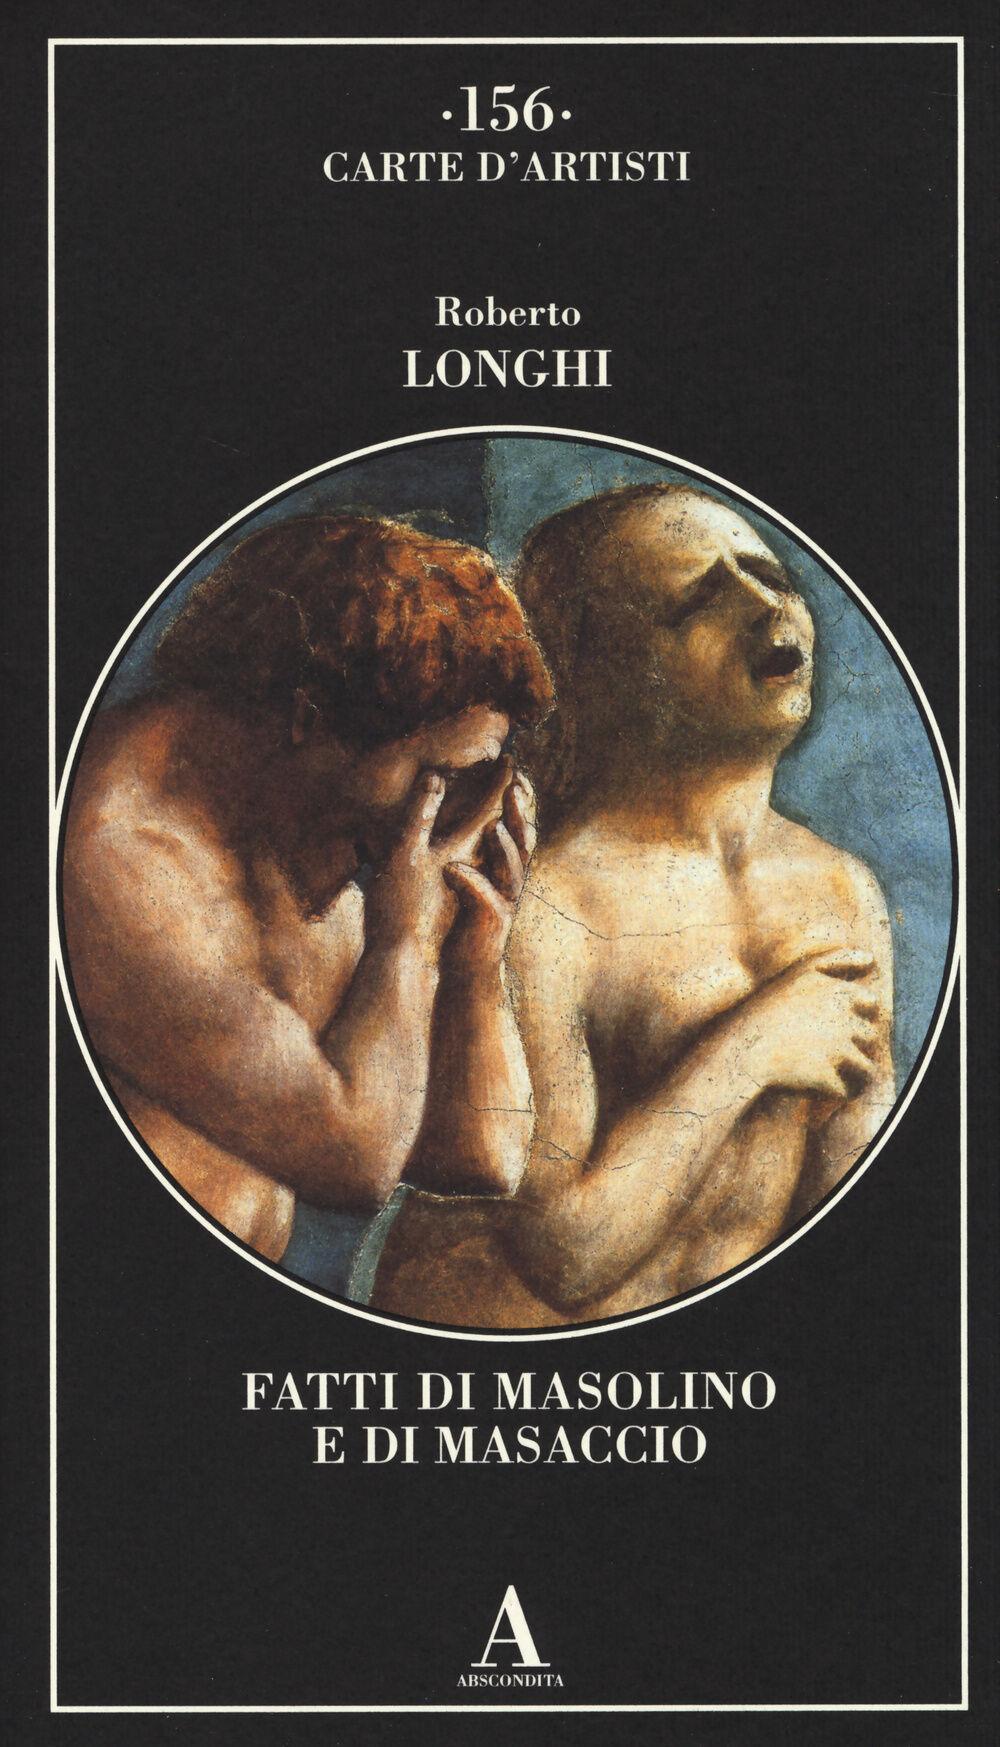 Fatti di Masolino e Masaccio